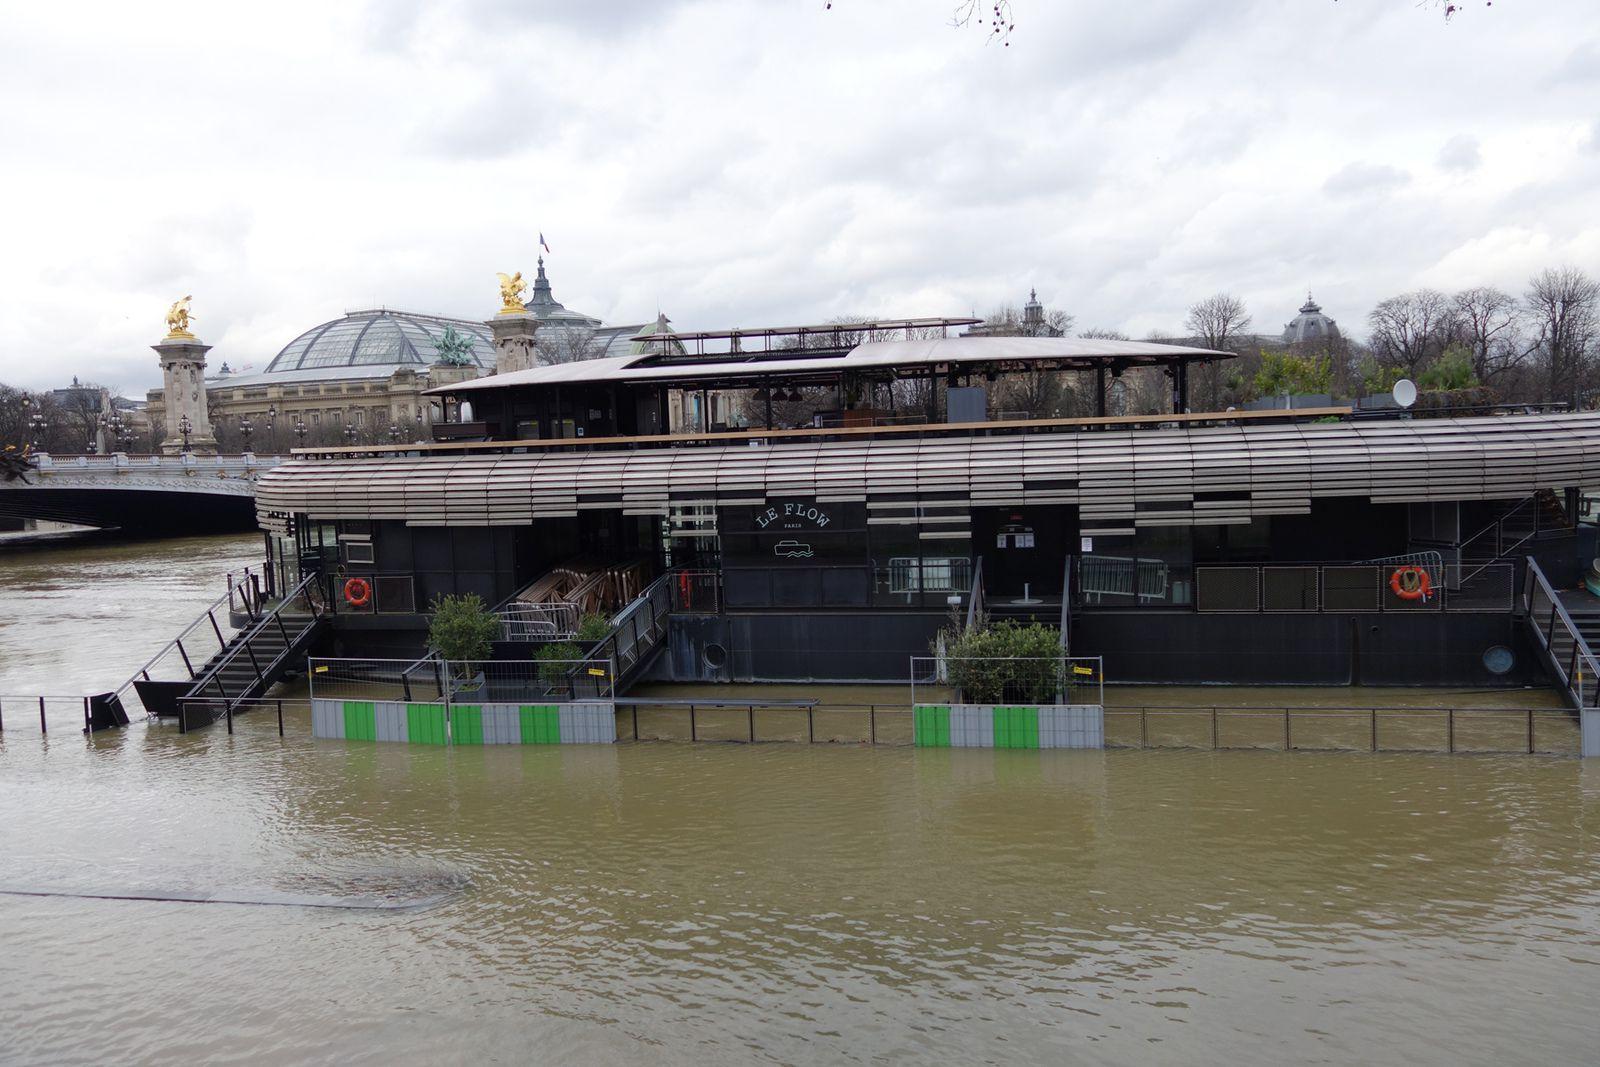 LE FLOW - Restaurant, bar, salle de spectacles, Rooftop sur l'eau. Magnifique vue face au Pont Alexandre III